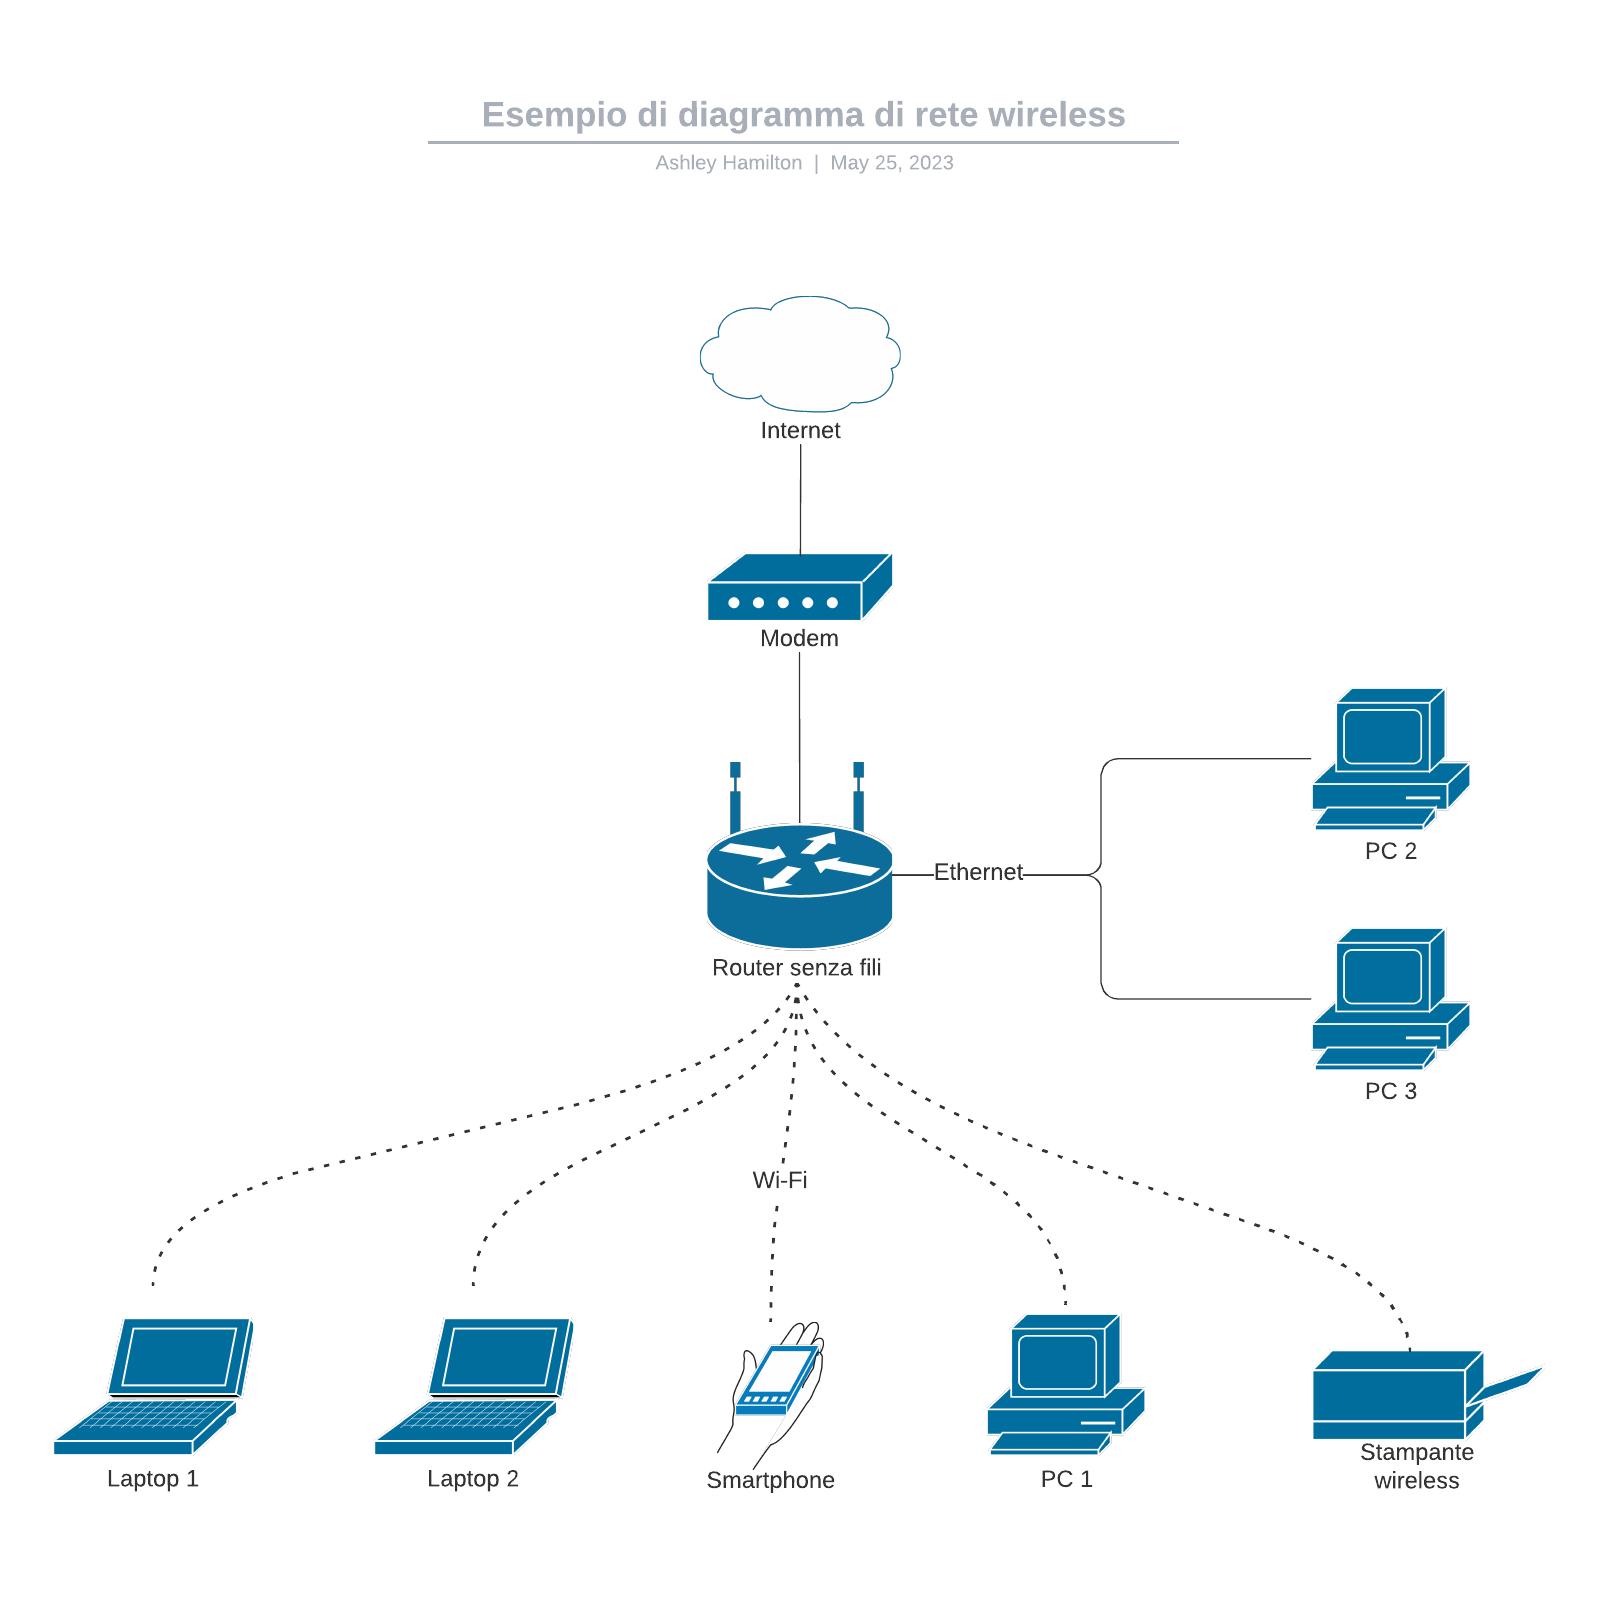 Esempio di diagramma di rete wireless